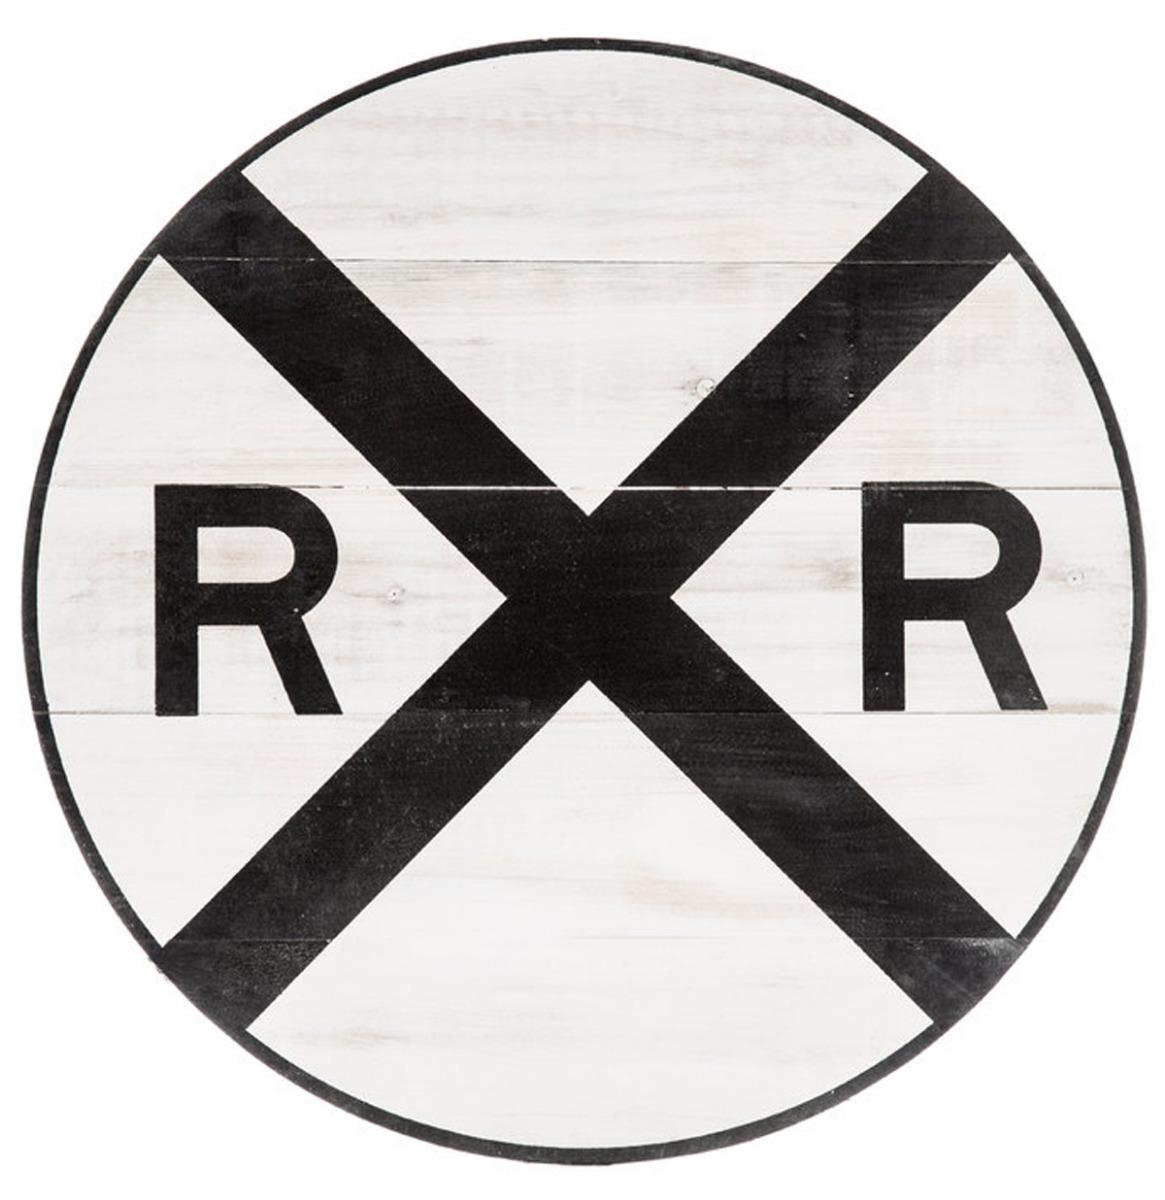 Railroad Crossing Houten Bord